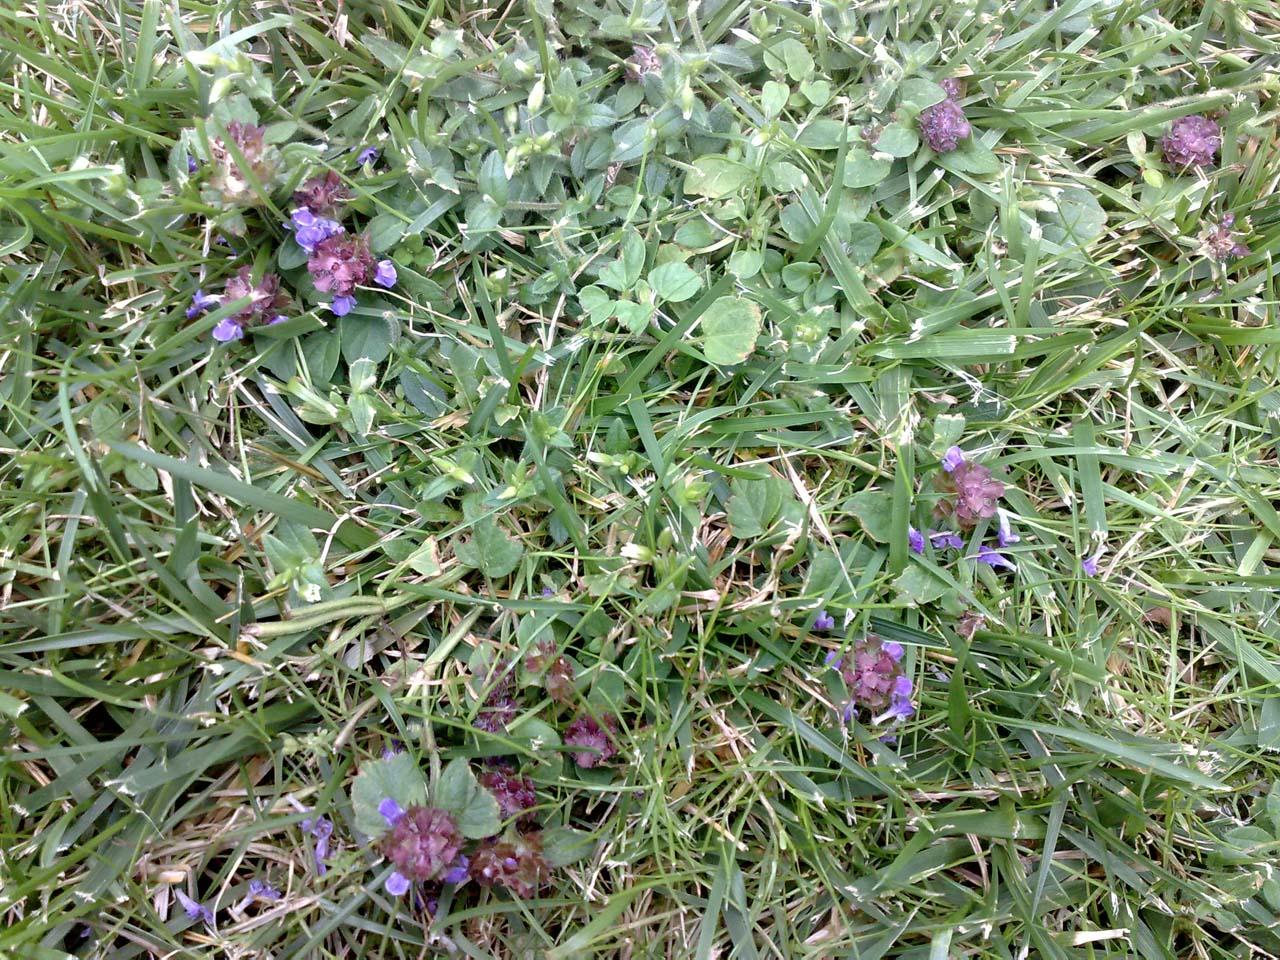 geliebtes unkraut prunella vulgaris die kleine braunelle vegetation daheim. Black Bedroom Furniture Sets. Home Design Ideas